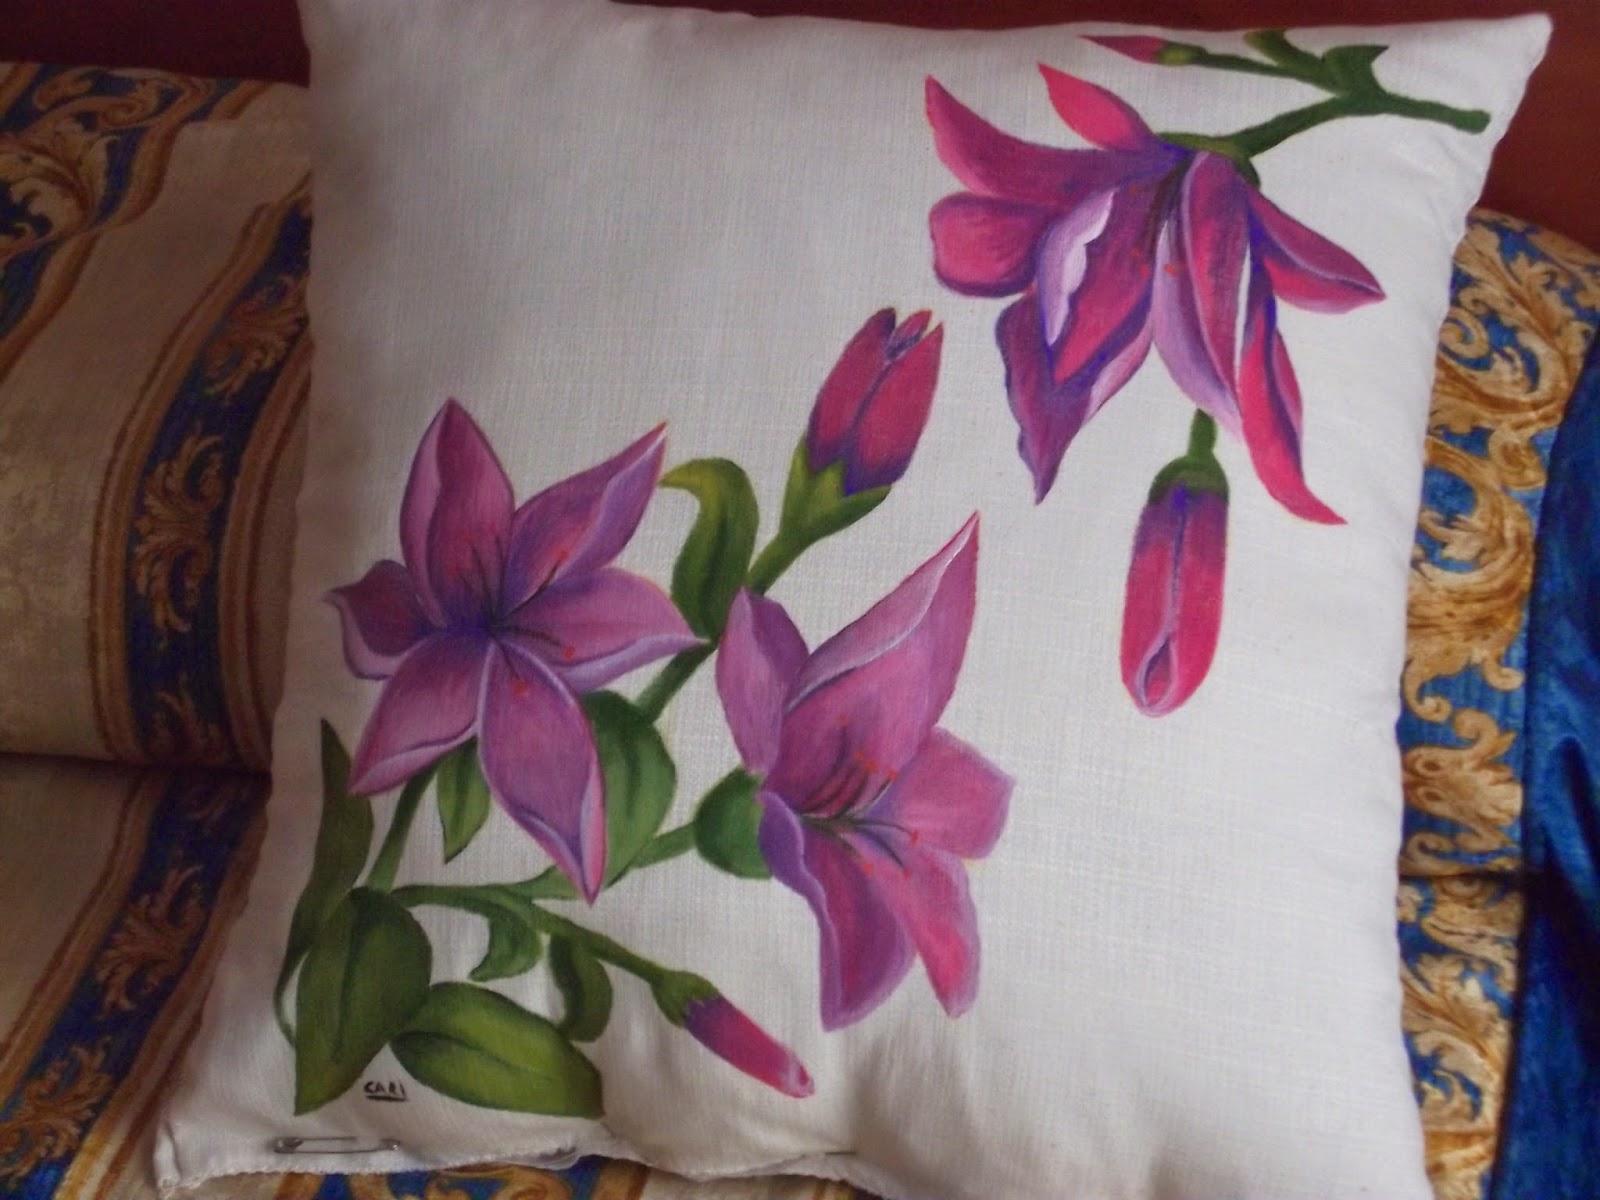 Cosas de cari cojin de flores lilas pintado sobre tela - Como pintar telas a mano ...